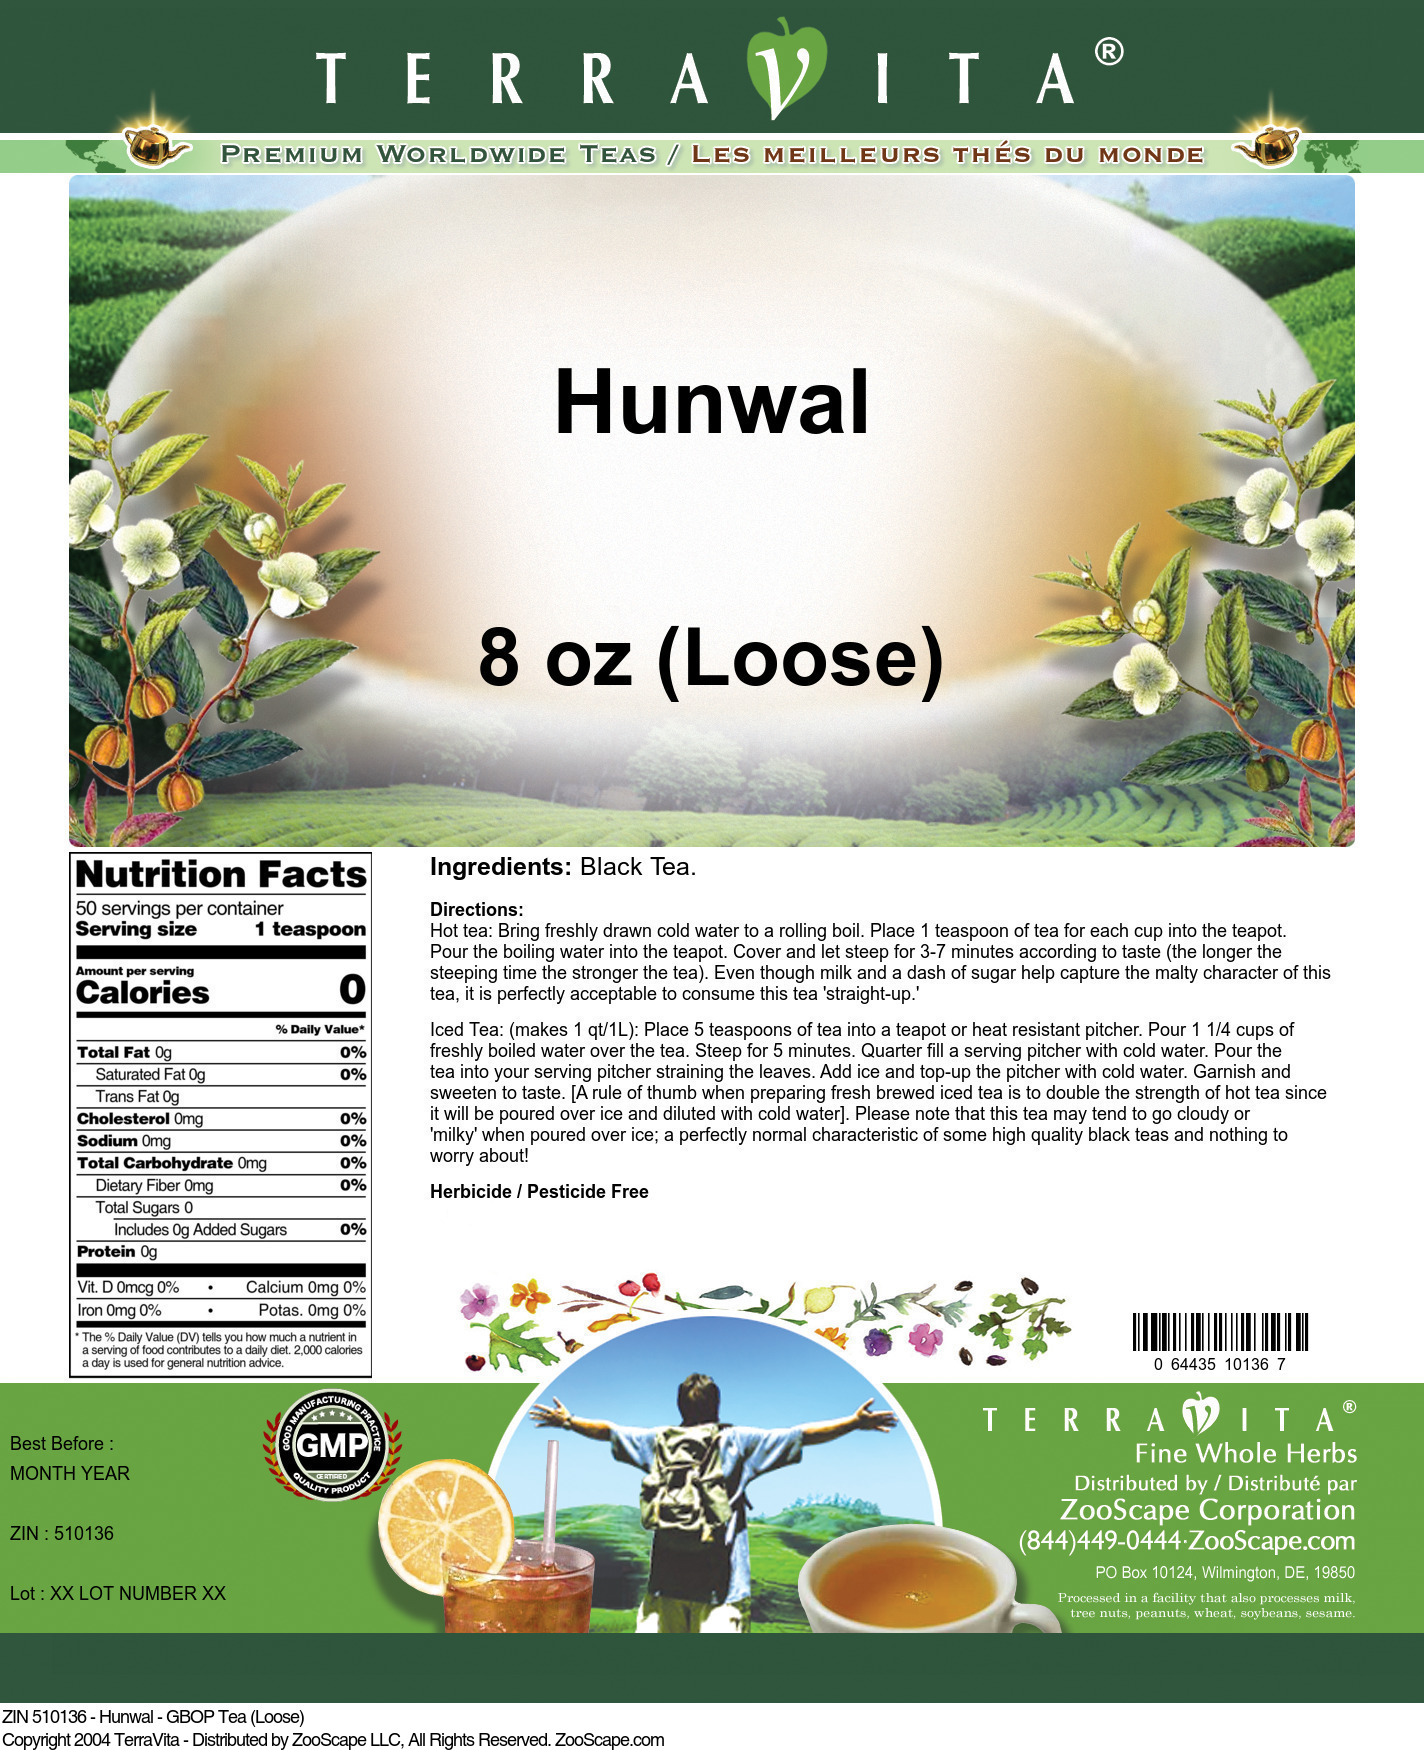 Hunwal GBOP